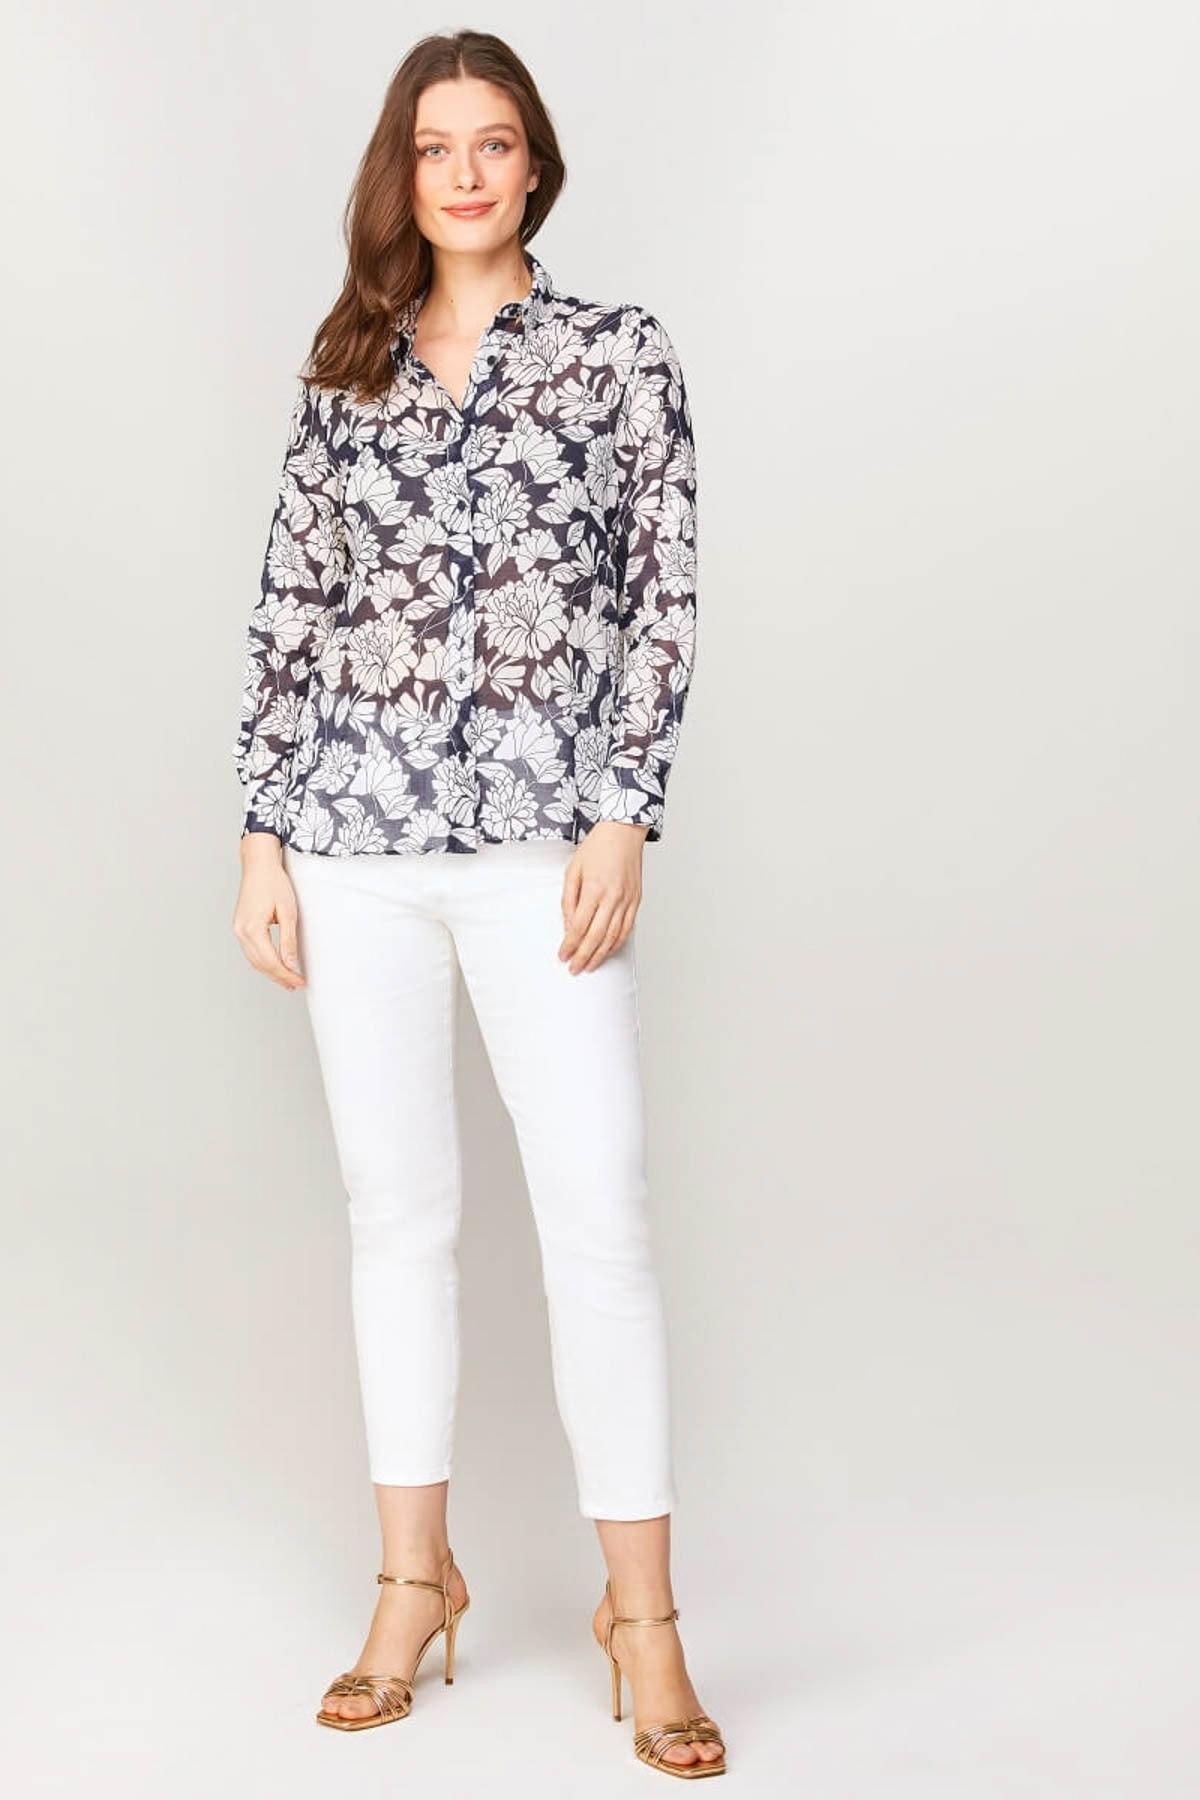 Faik Sönmez Kadın Lacivert Çiçek Desenli Monochrom Vual Gömlek 60081 U60081 2